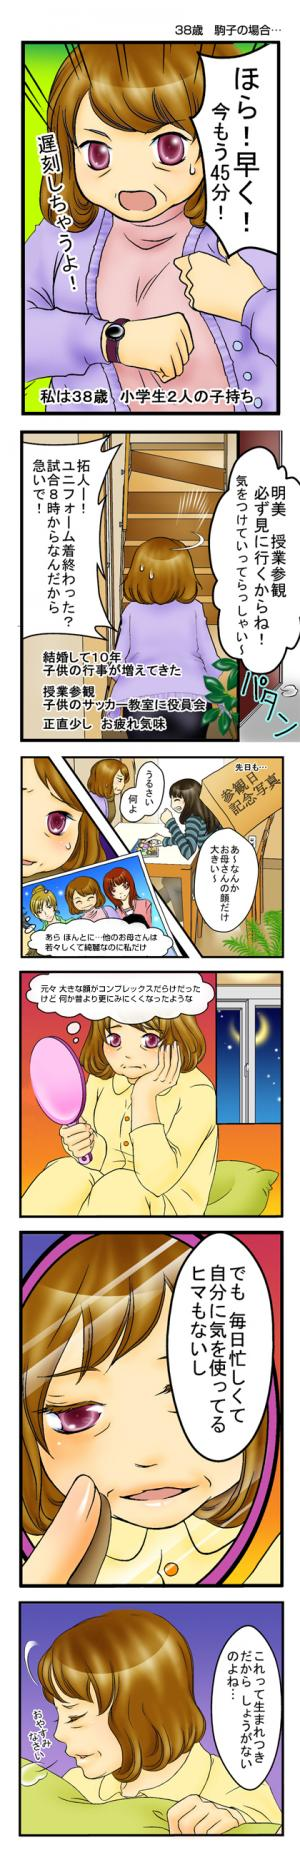 kyukyu_comic_1_convert_20130524143439.jpg